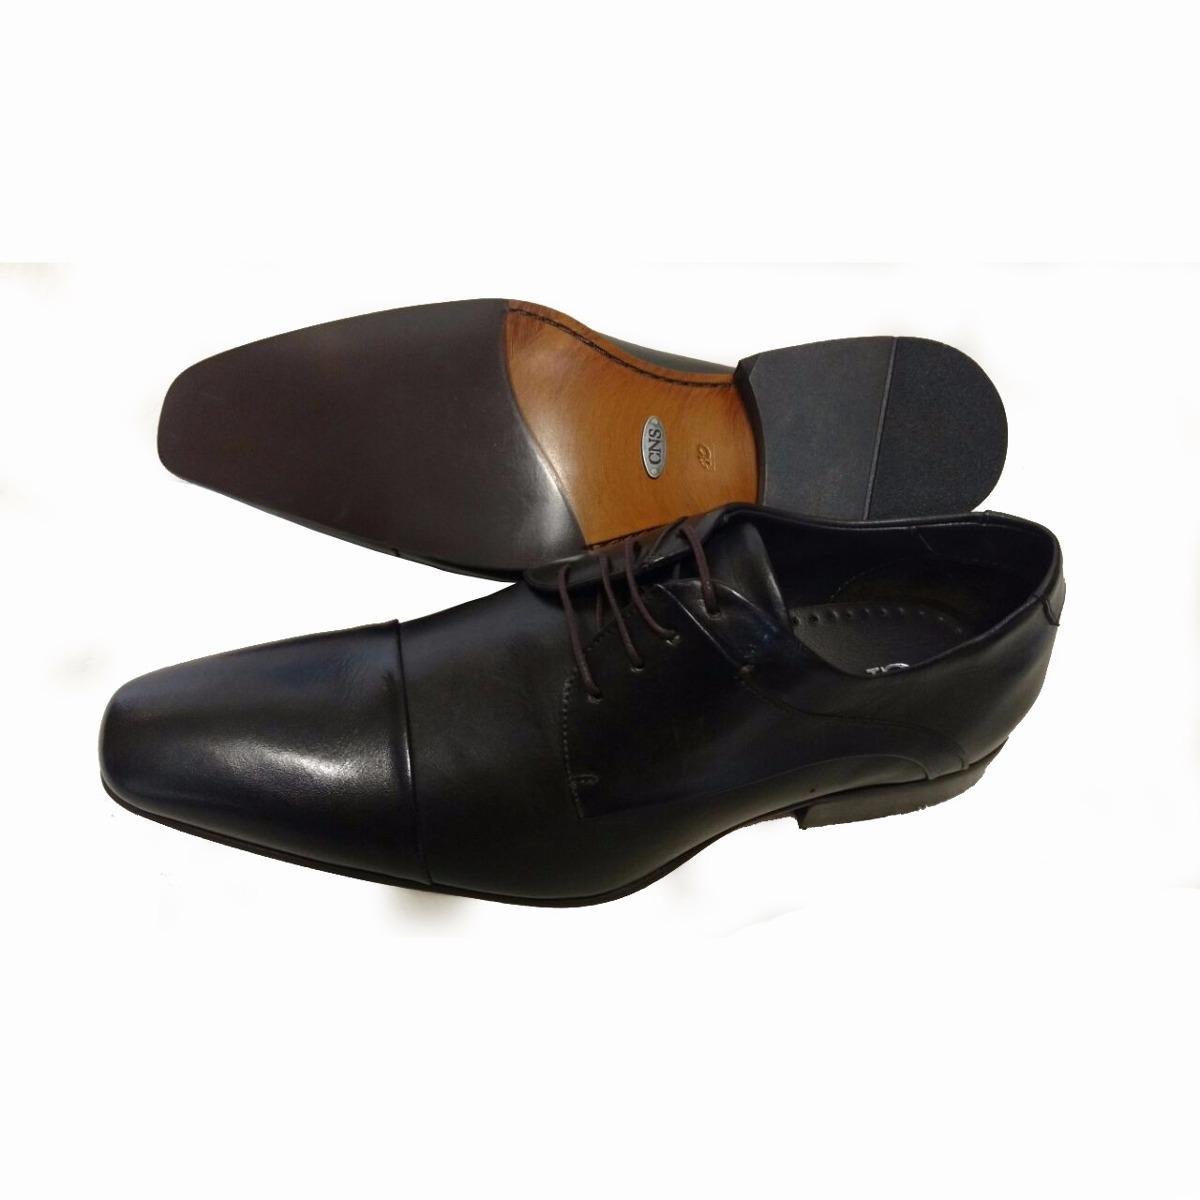 48ab9314a8 sapato social clássico masculino cns oxford café. Carregando zoom.